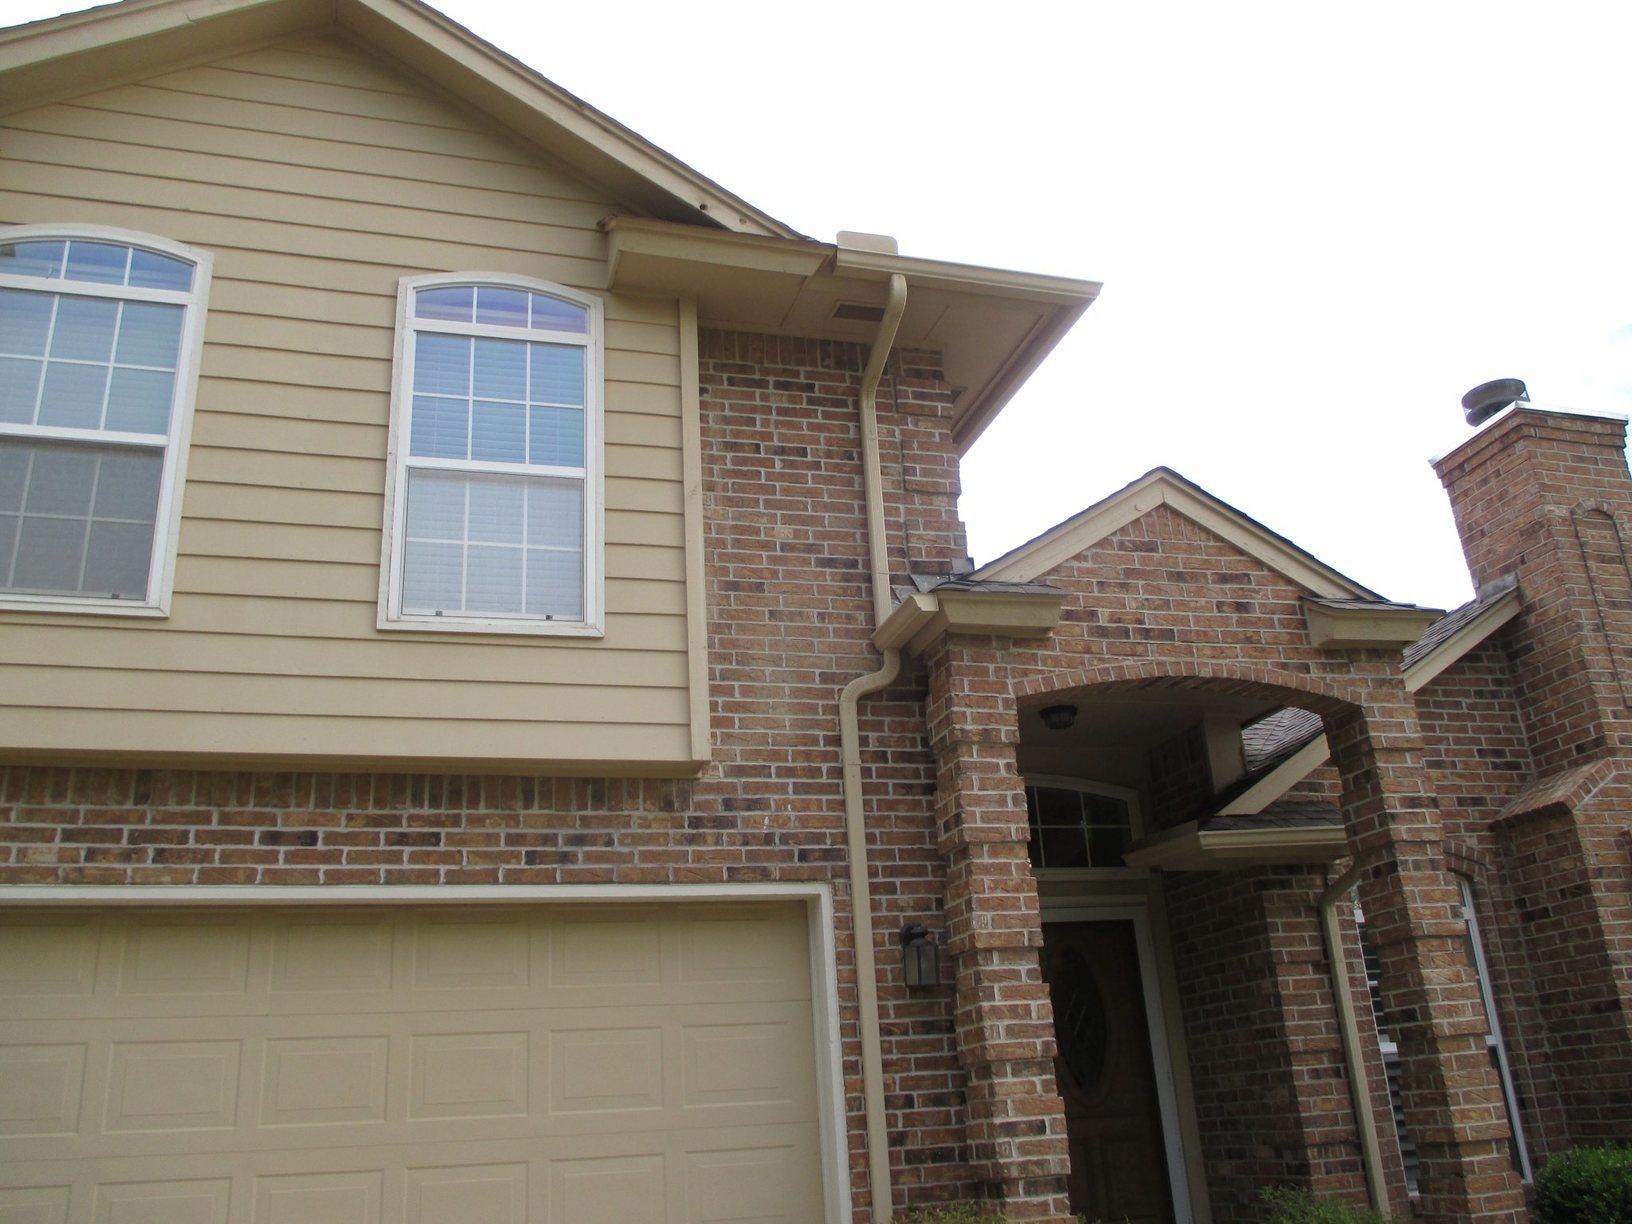 Norman multi-level home